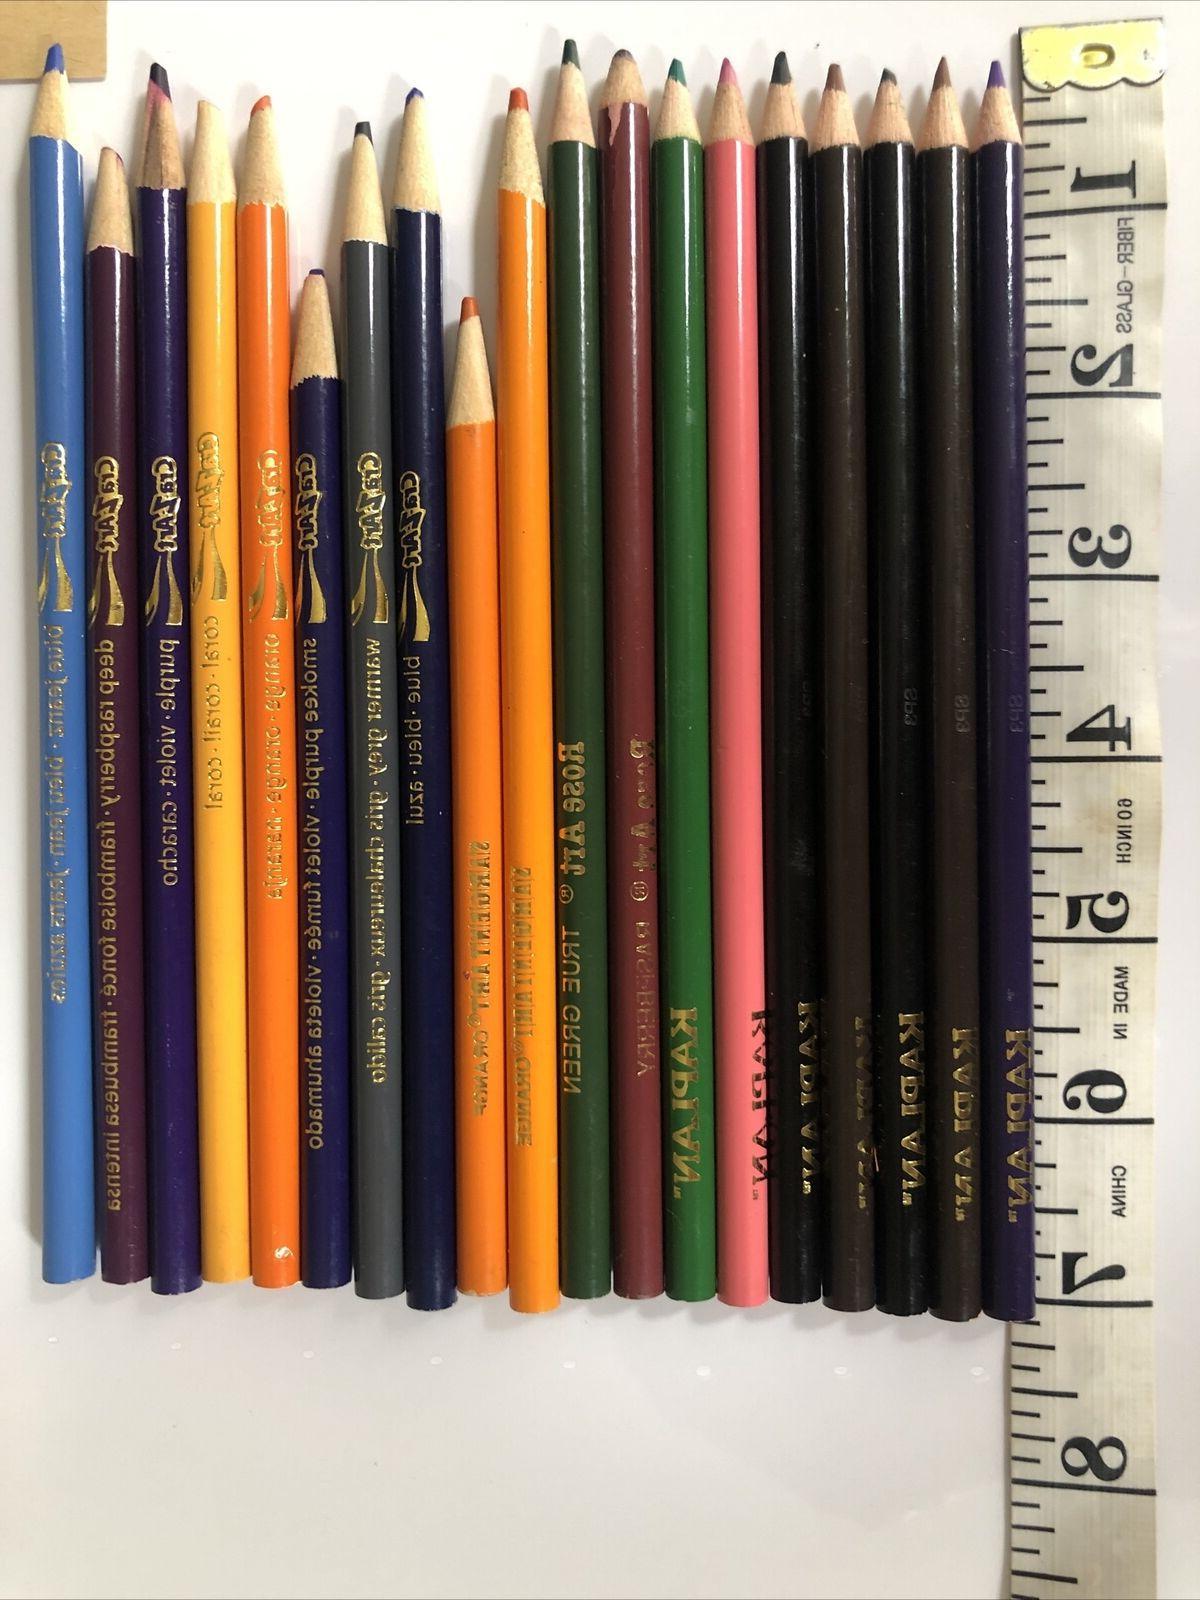 Lot of 35 Pencils Kaplan, Rose